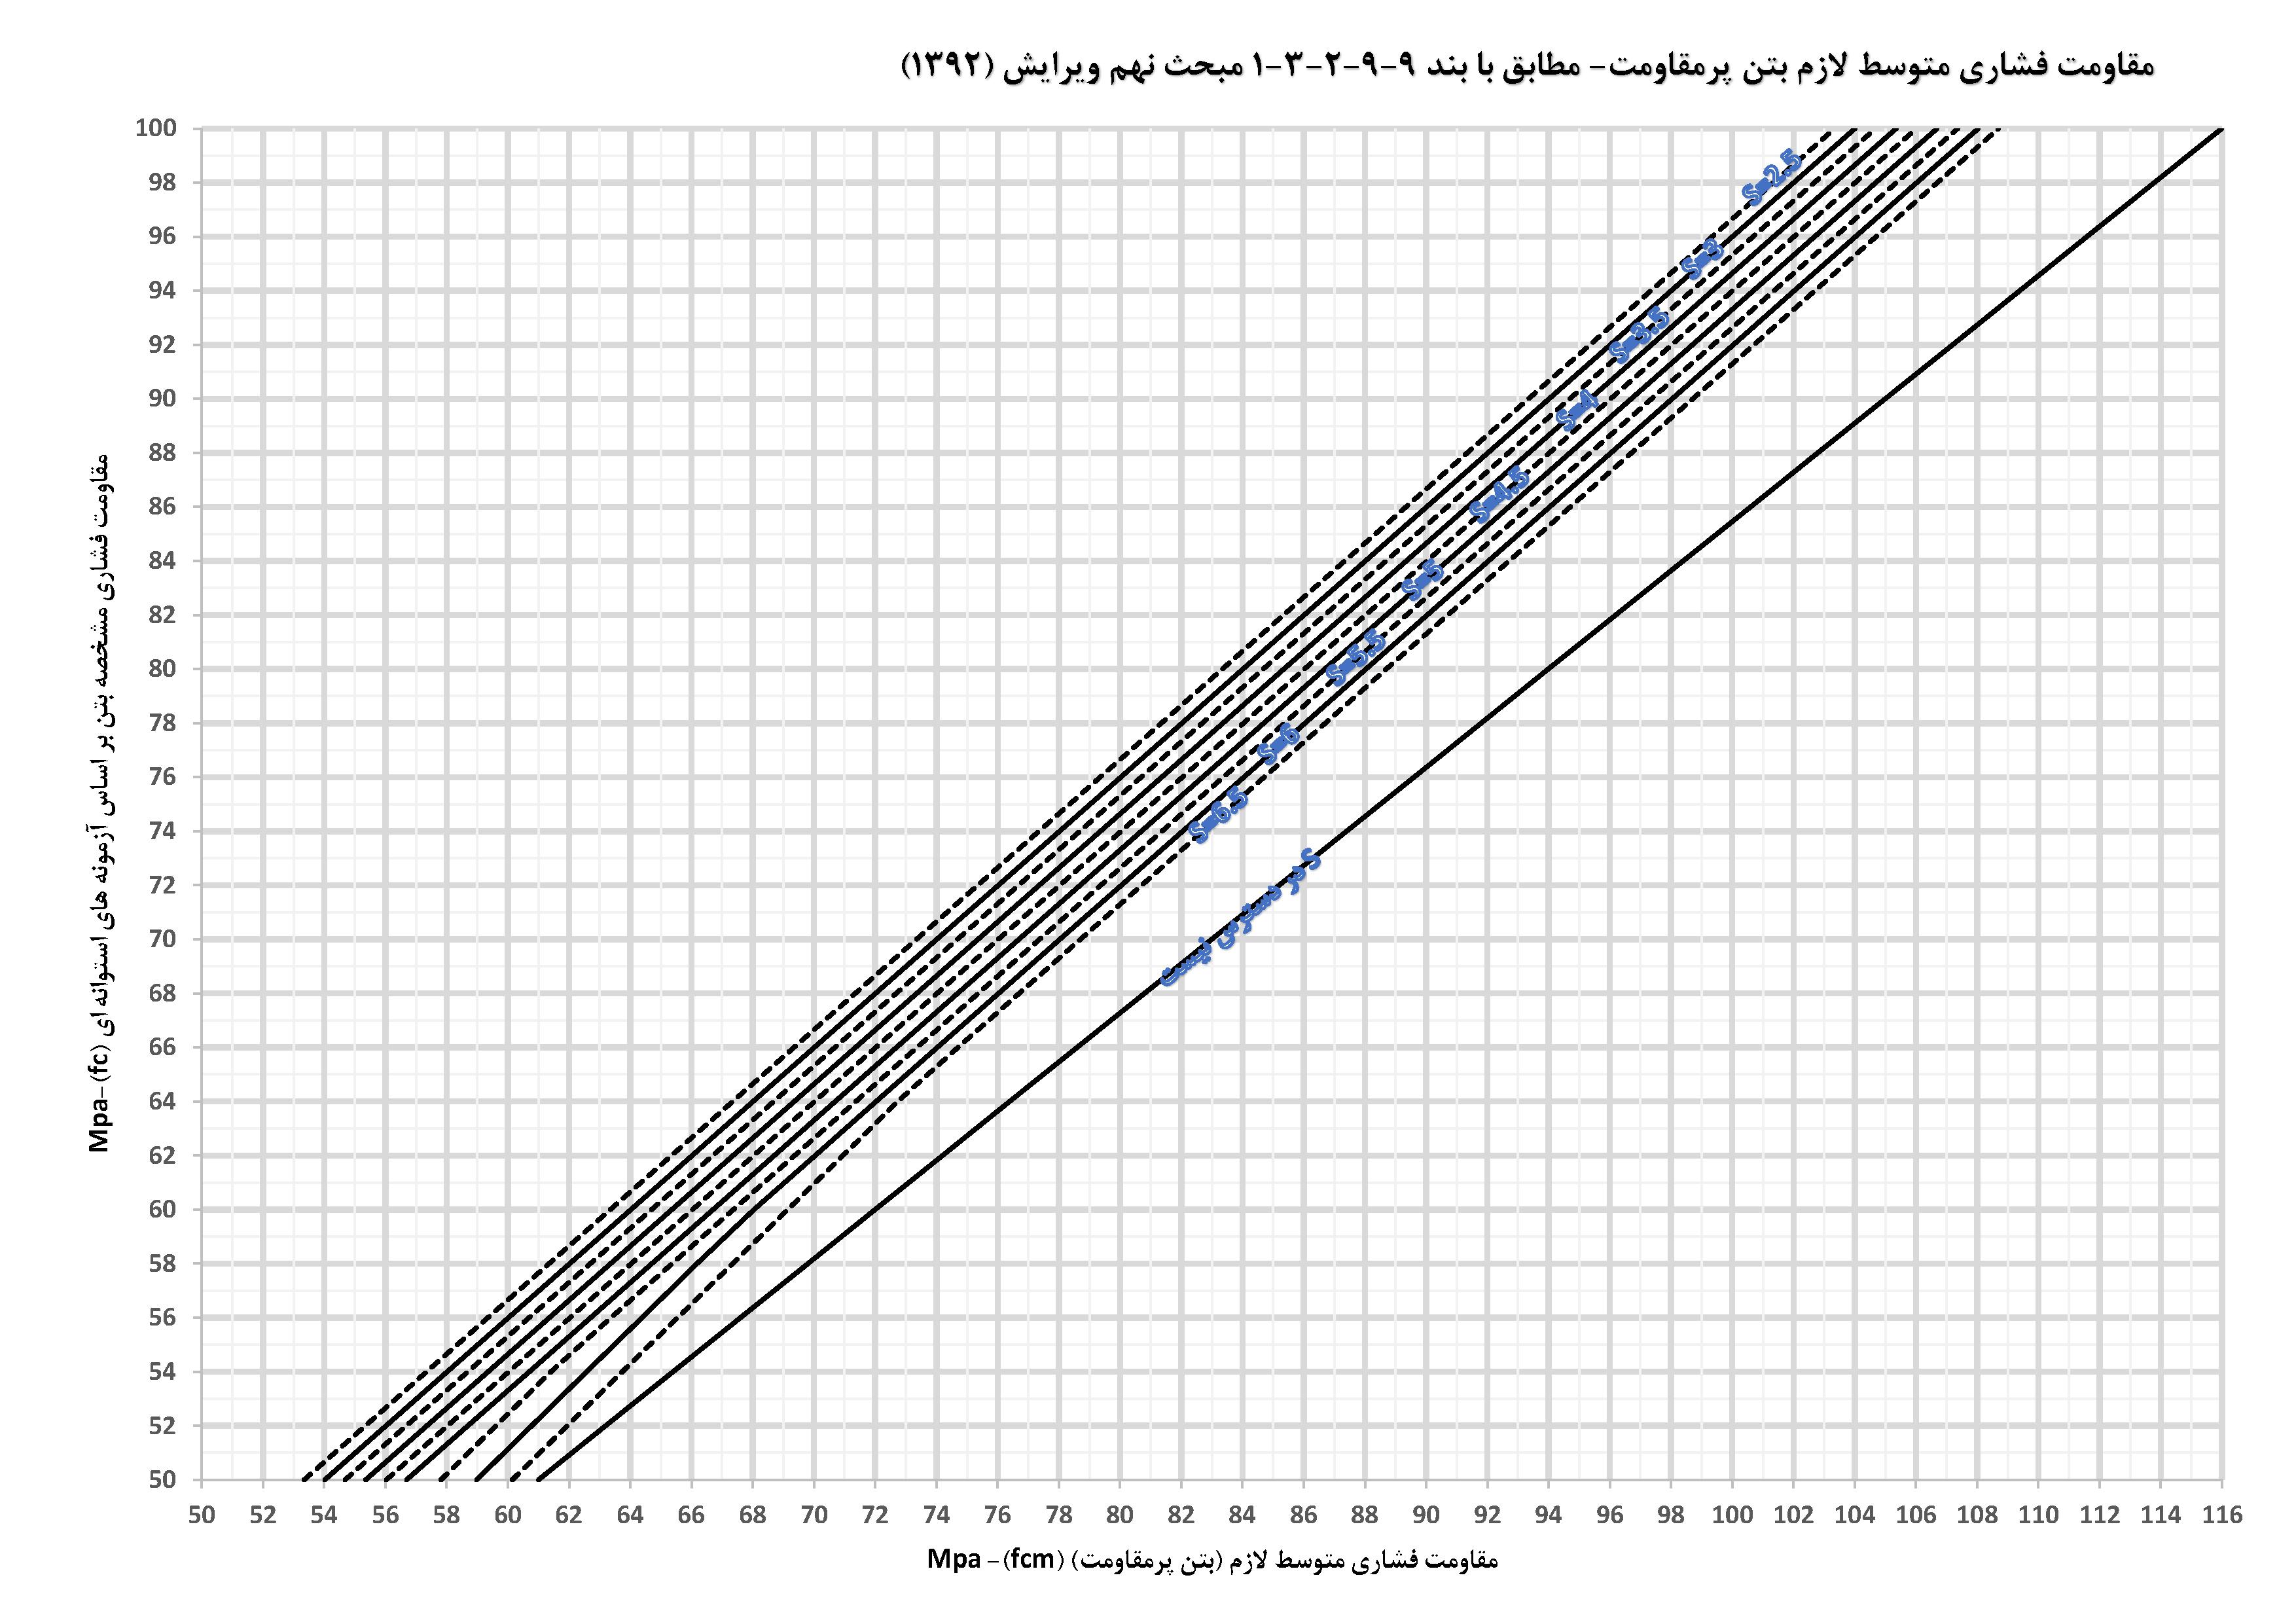 نمودار مقاومت فشاری متوسط لازم بتن پر مقاوت - مبحث نهم 1392